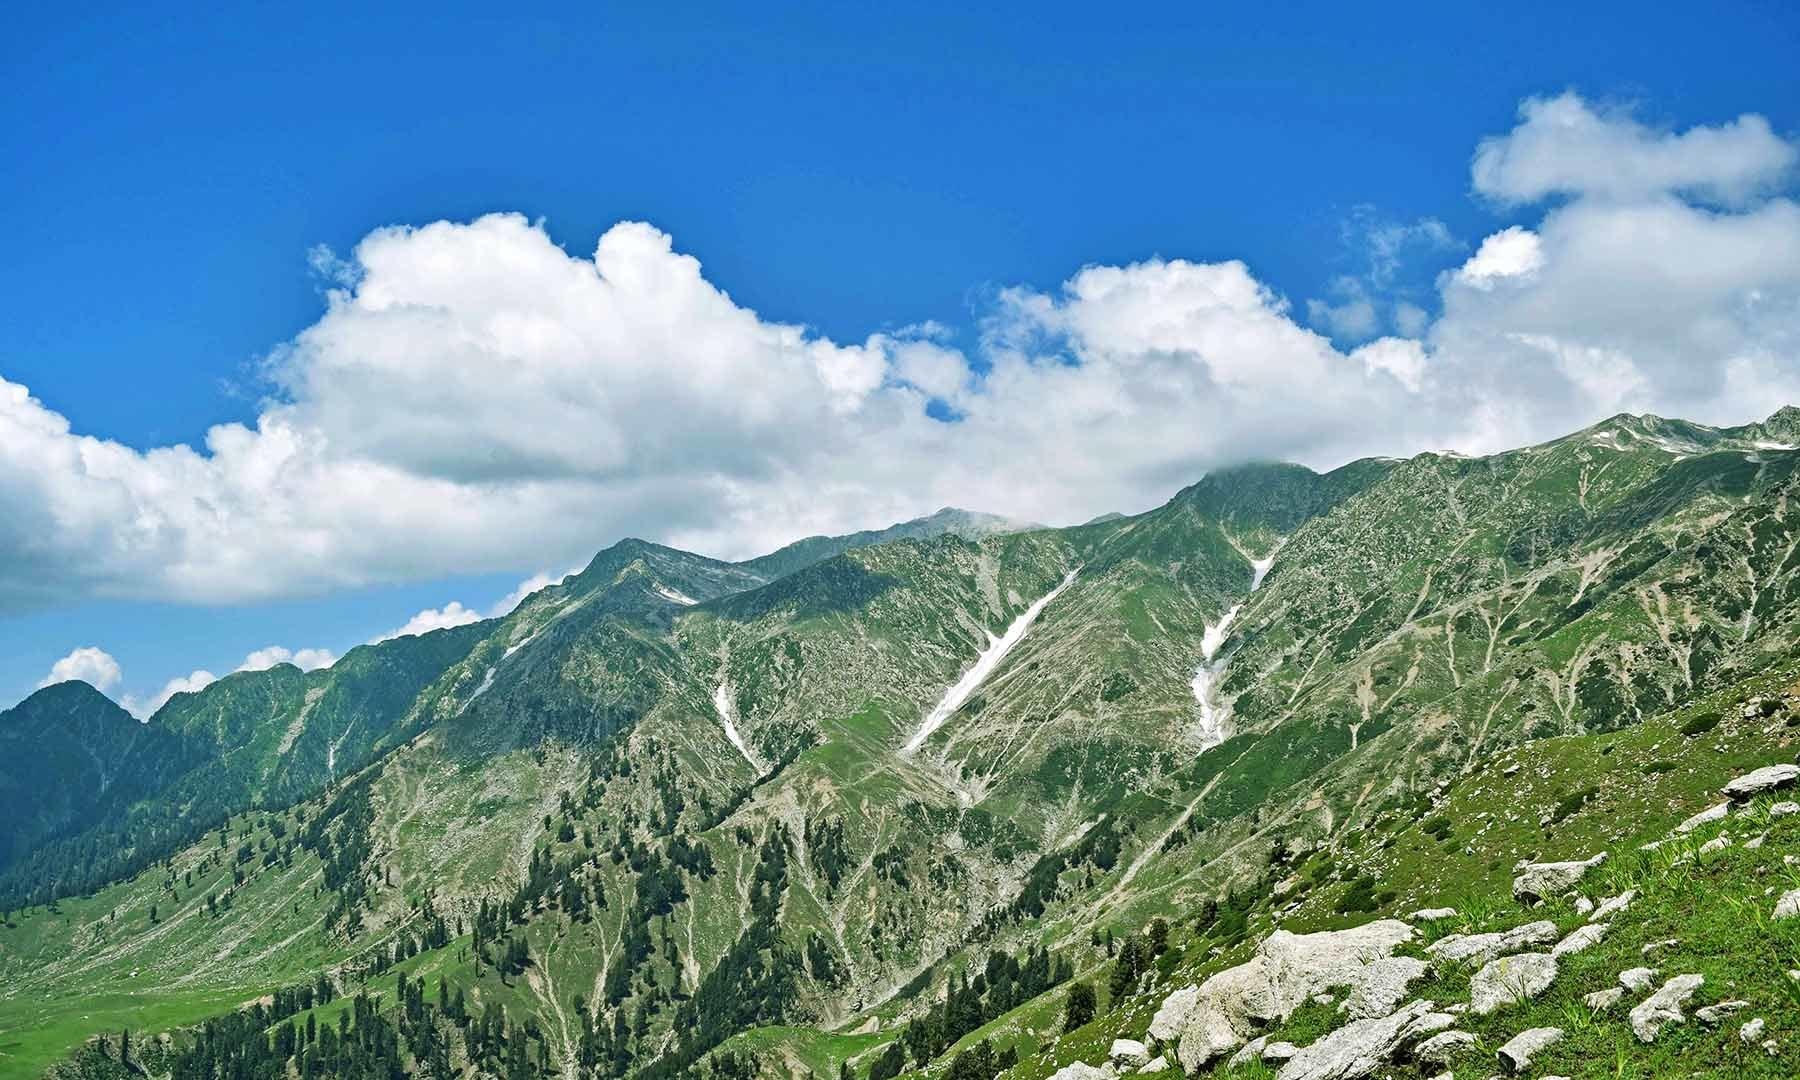 درال جھیل فلک بوس پہاڑوں کے درمیان گیارہ ہزار فٹ کی بلندی پر واقعی ہے۔